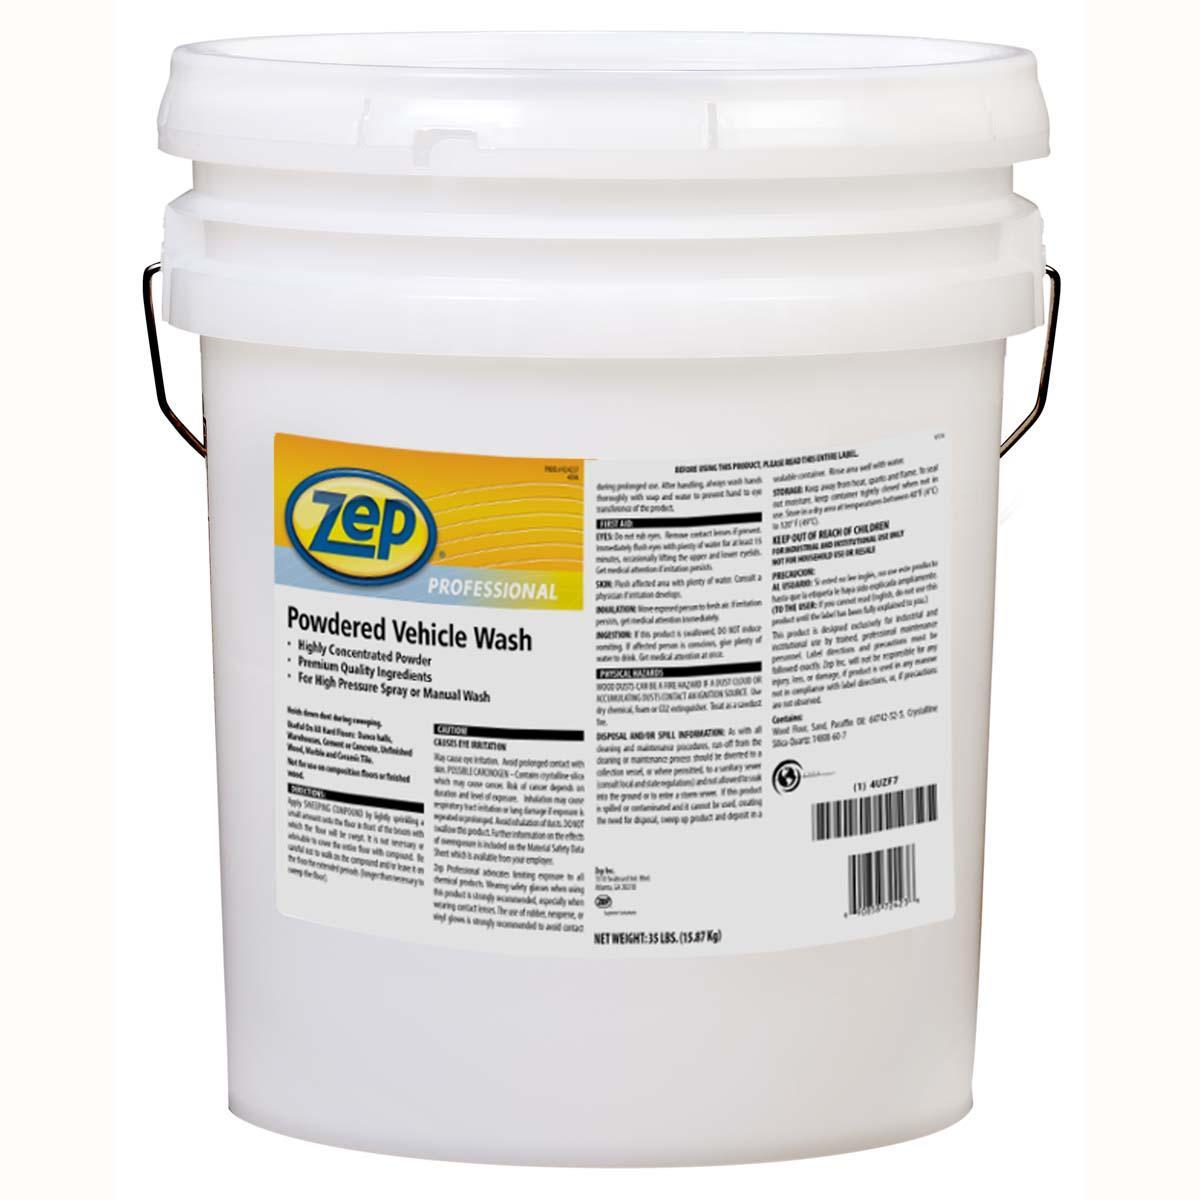 ZEP Powdered Vehicle Wash